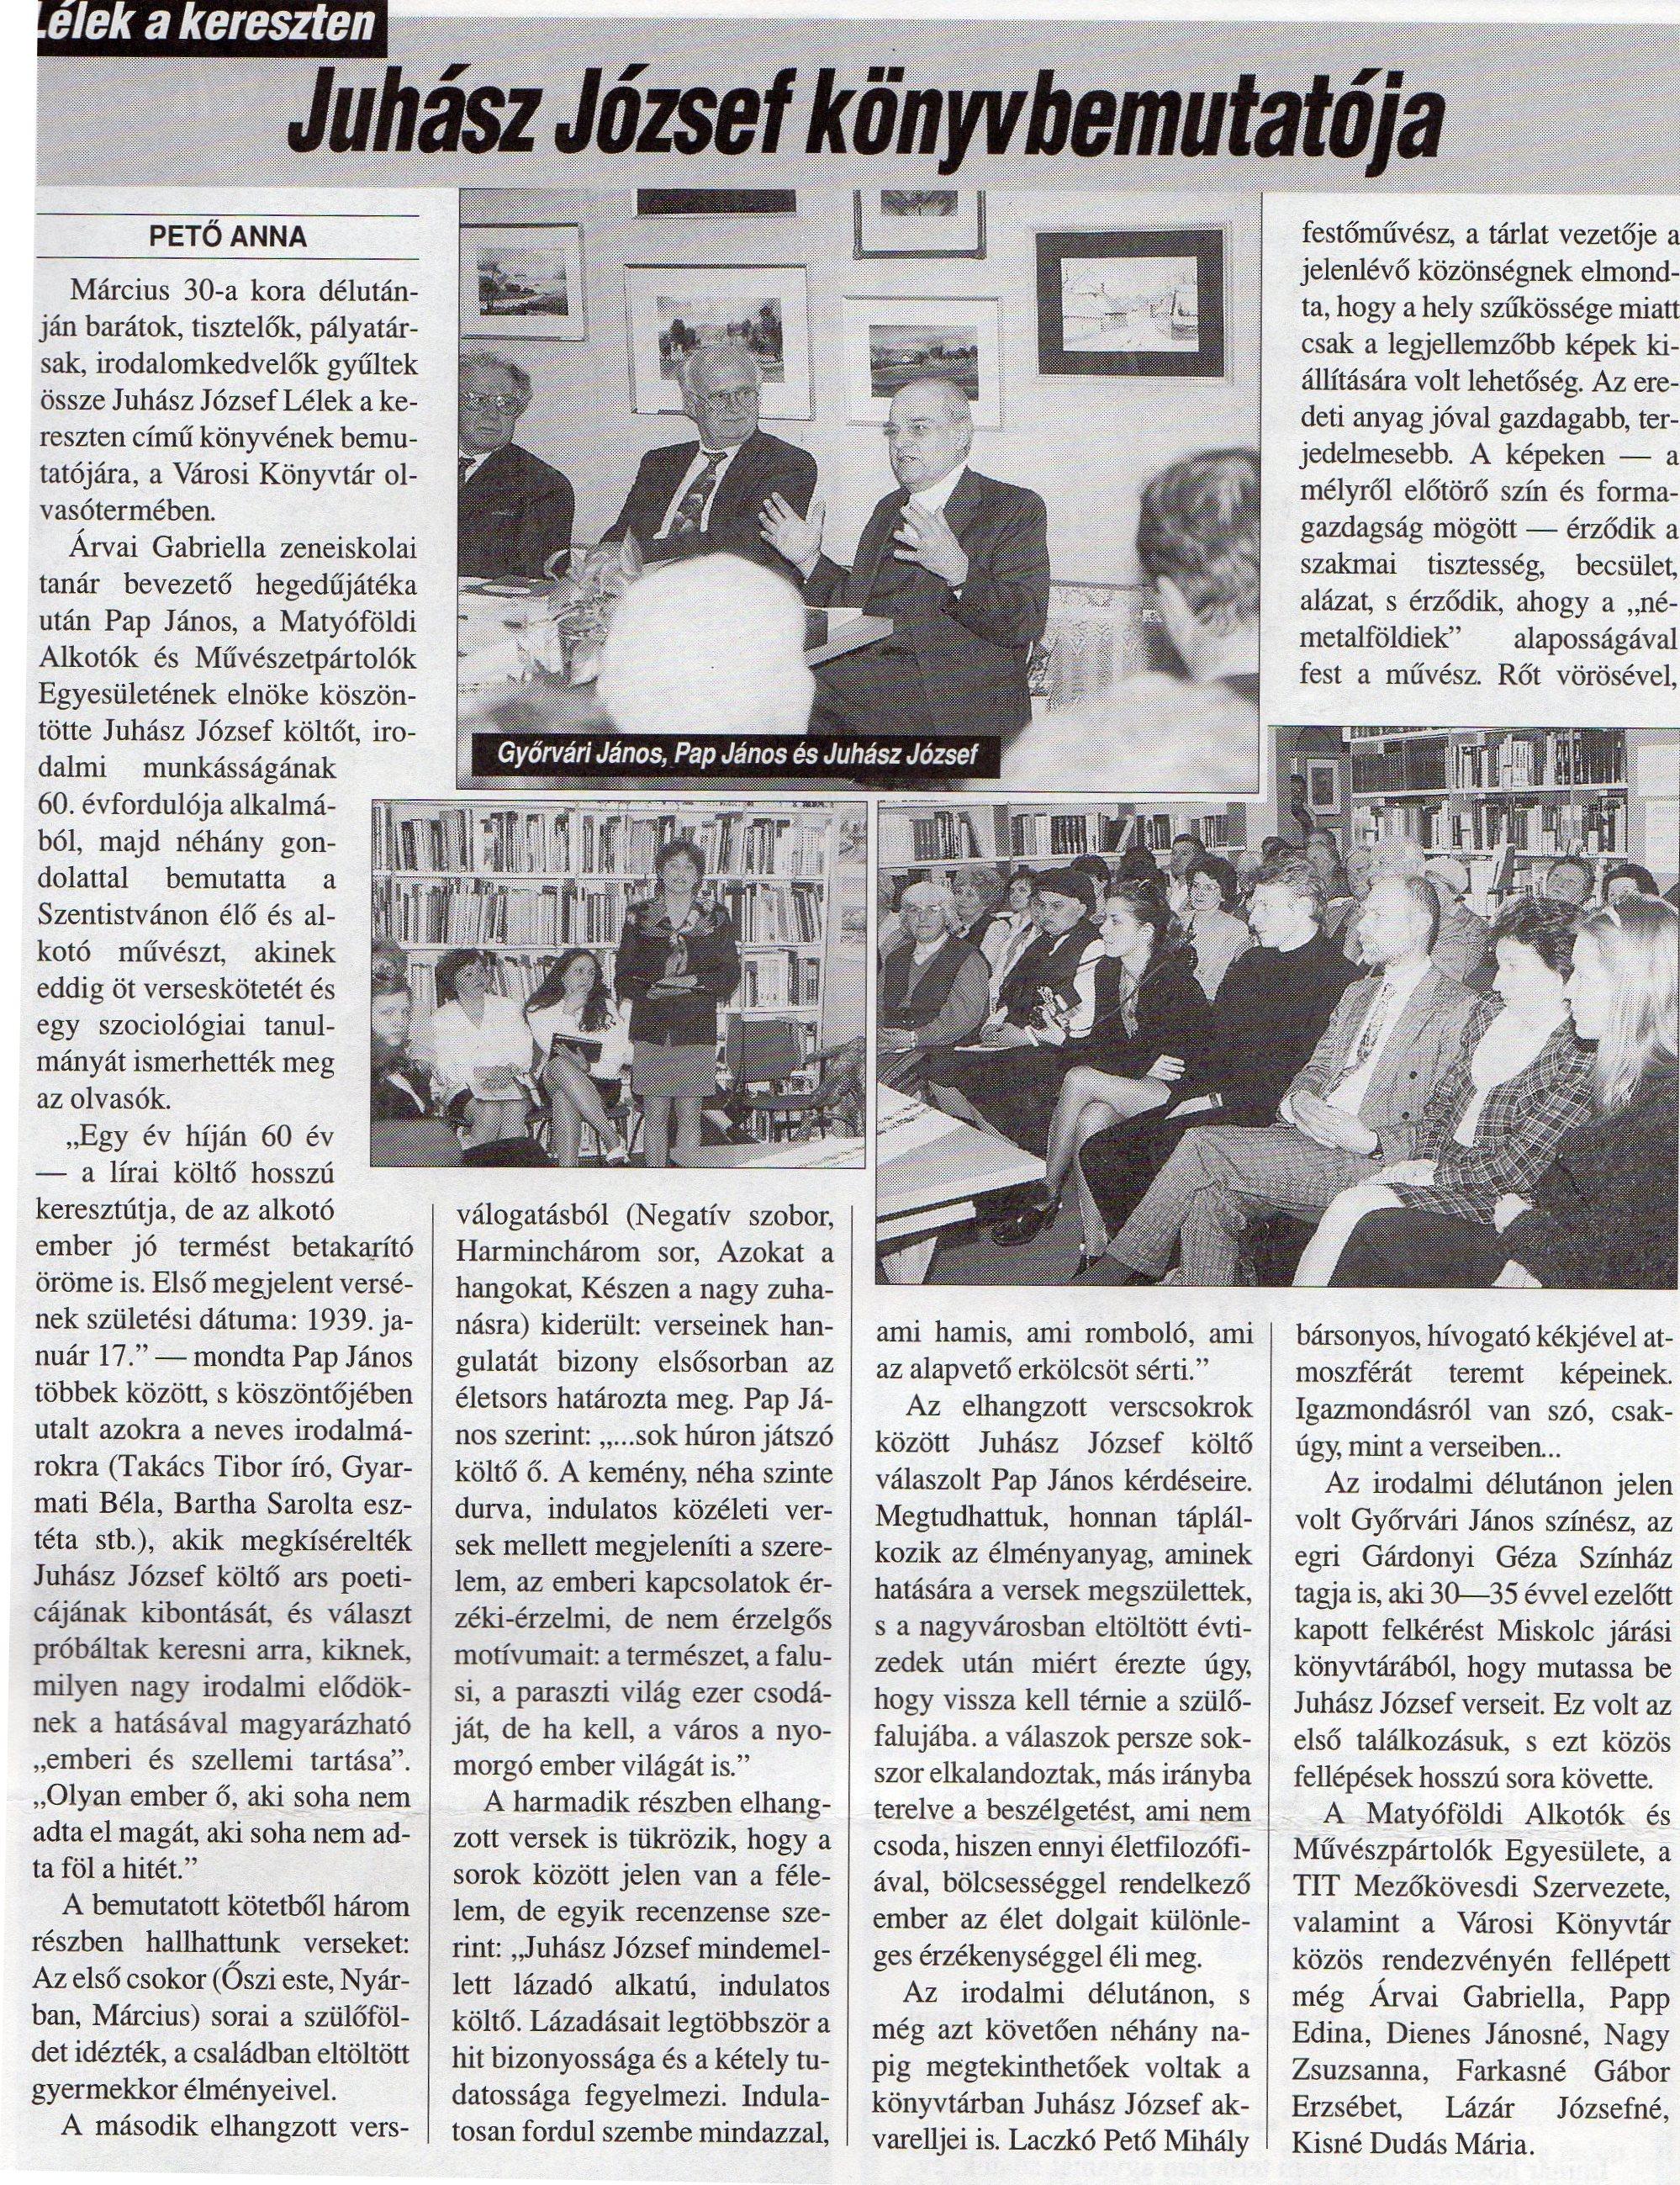 Lélek a kereszten Juhász József könyvbemutatója 1998 április 15.